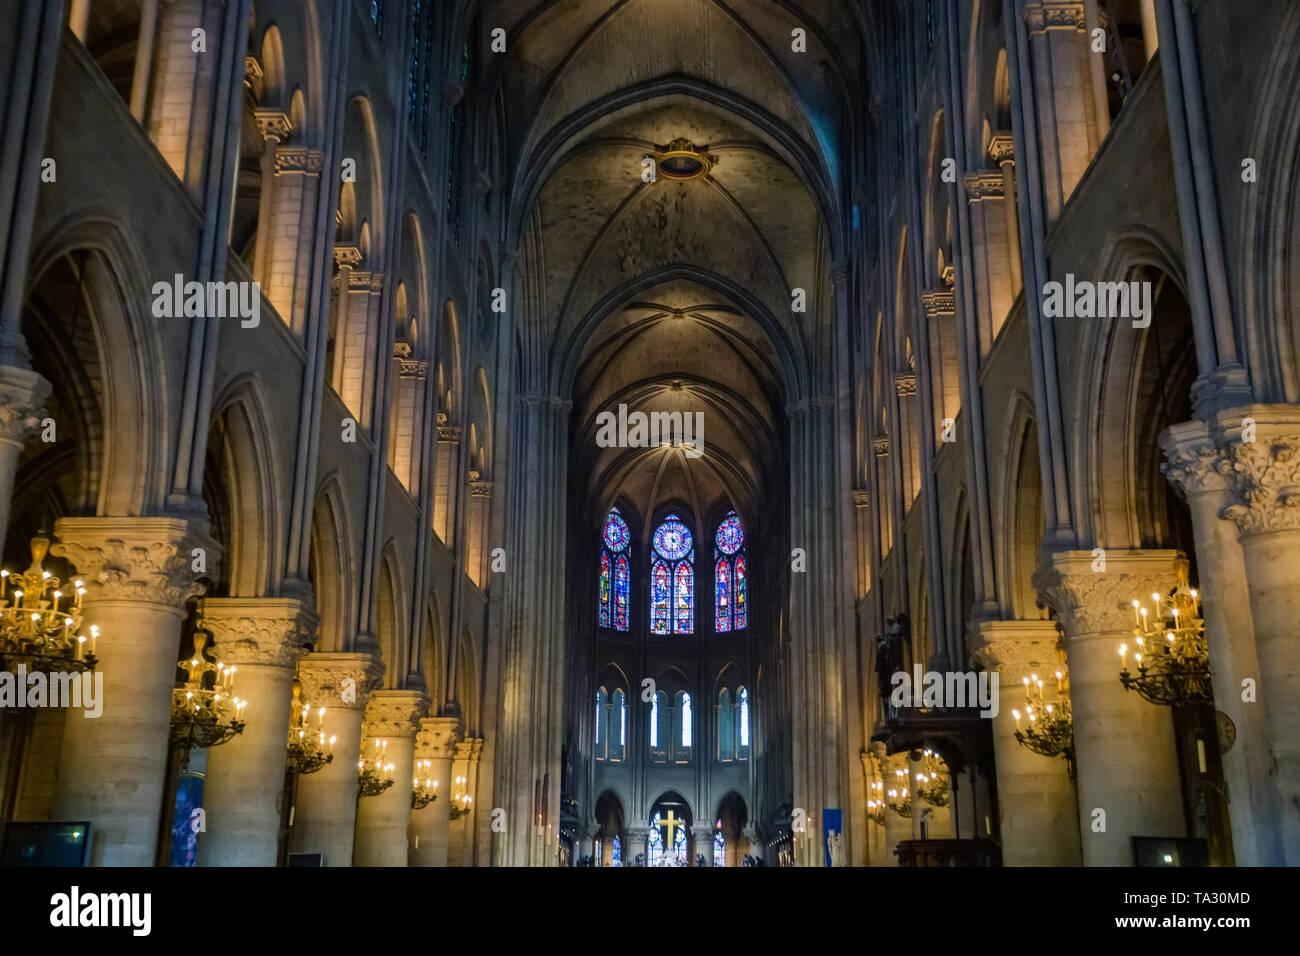 PARIS, FRANCE - 8 JUNE 2014: interior view of Notre Dame de Paris - Stock Image